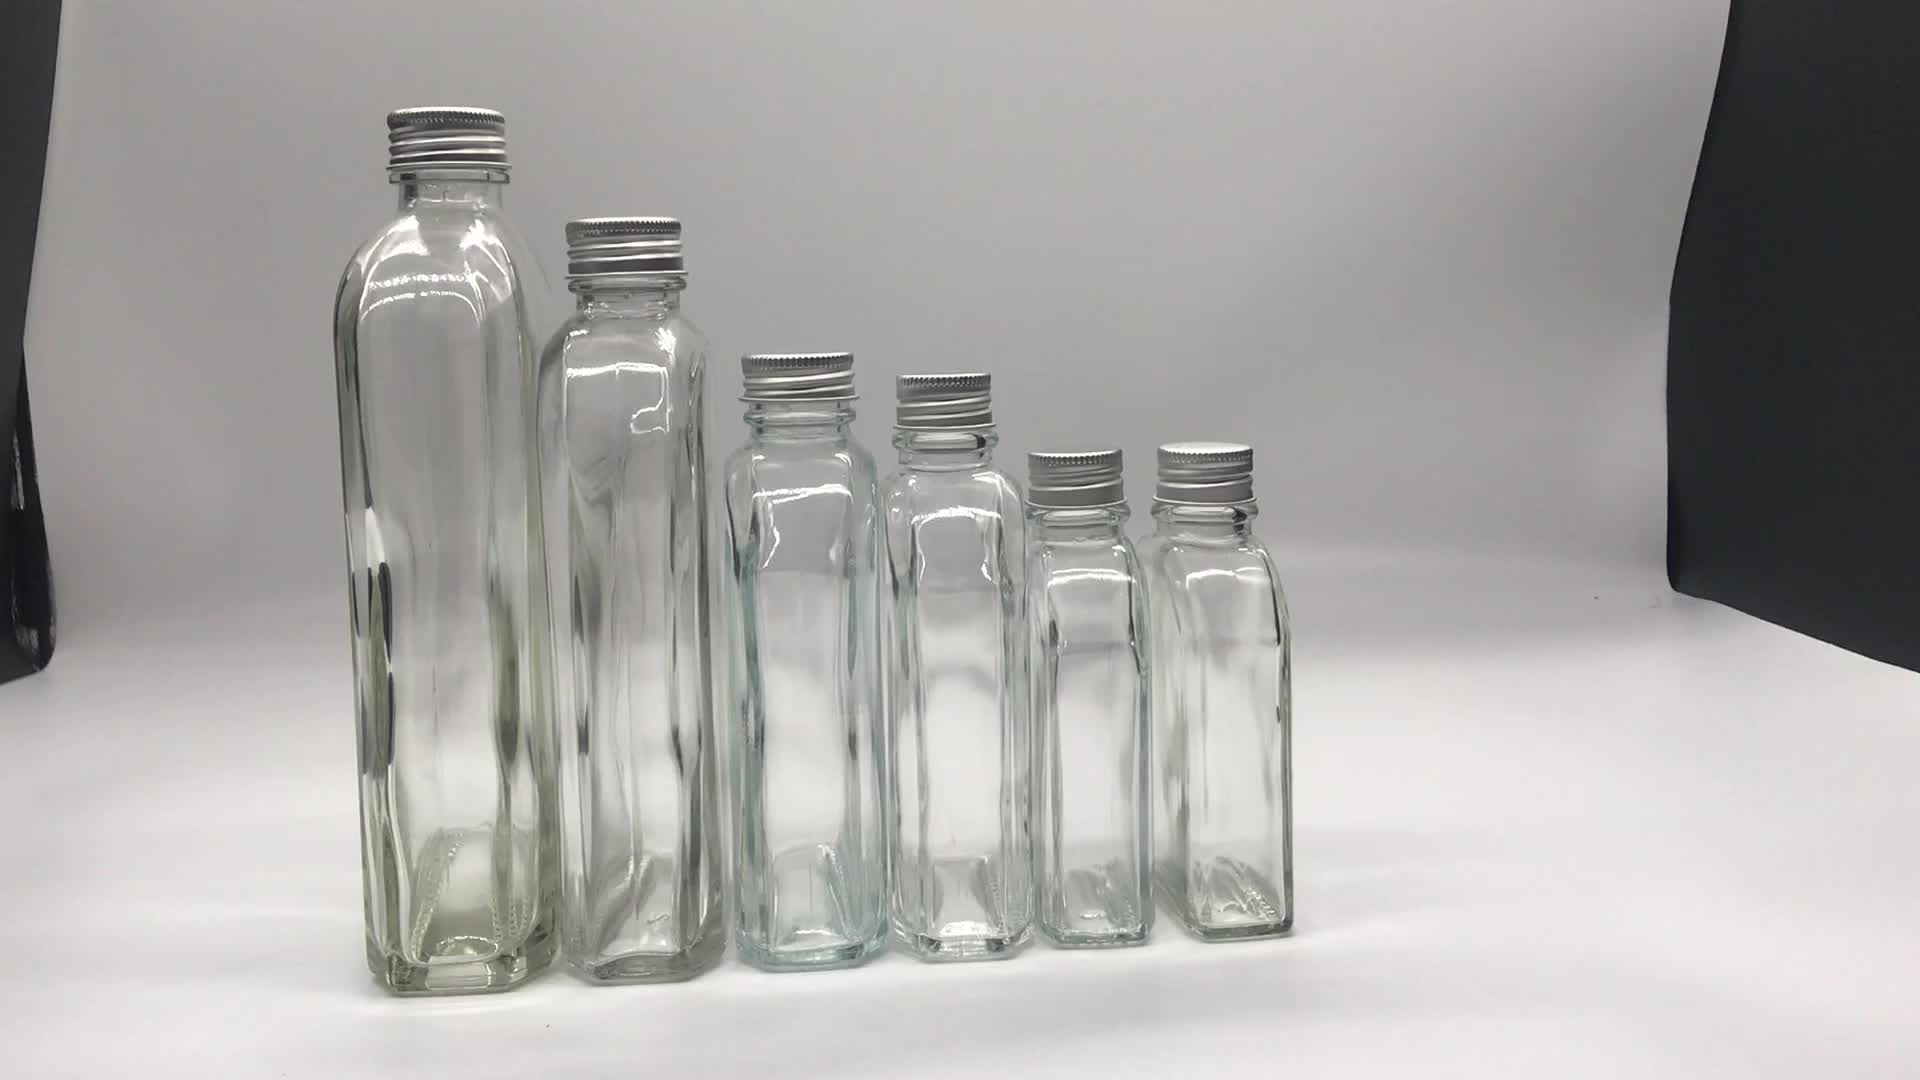 Kreatif 100Ml/200Ml/250Ml/350Ml Bir Dingin Kopi Kaca Botol Kaca Susu Teh minuman Jus untuk Jus dengan Aluminium Tutup